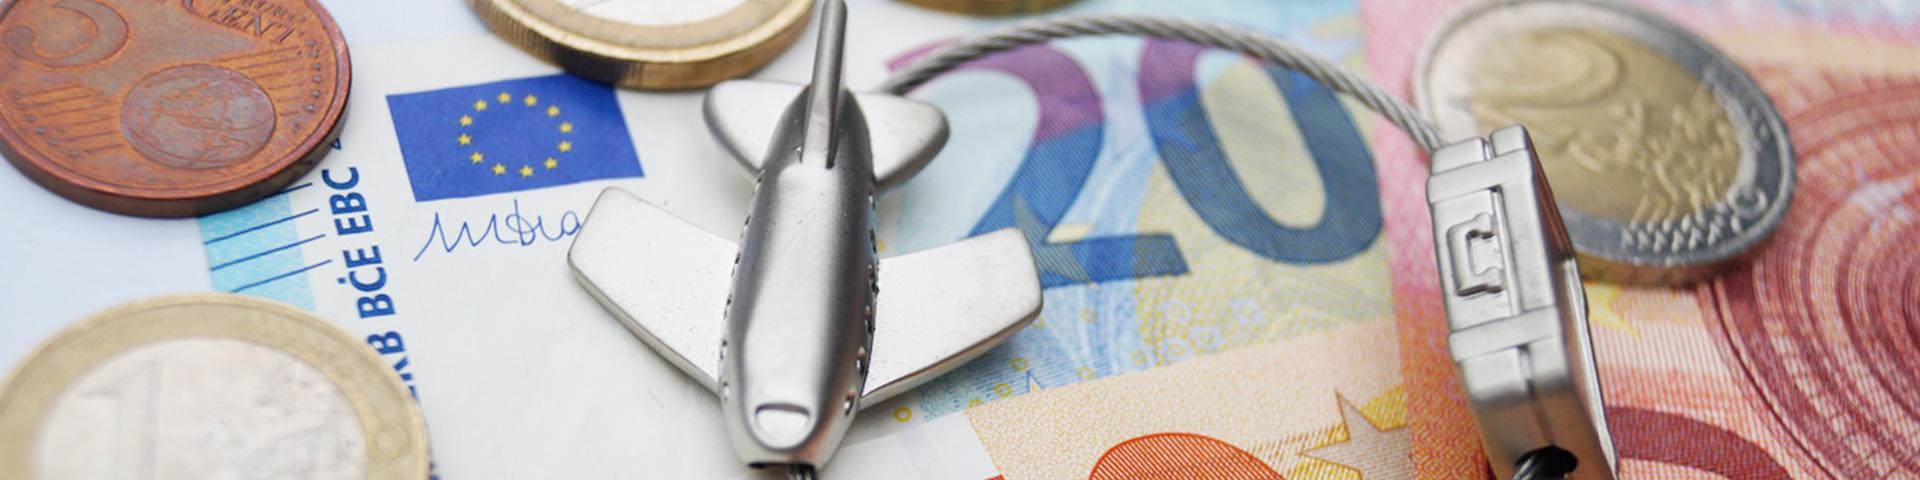 Reisezahlungsmittel: In der Reisekasse sollte ein bißchen Bargeld (z.B. US-Dollar) nicht fehlen.